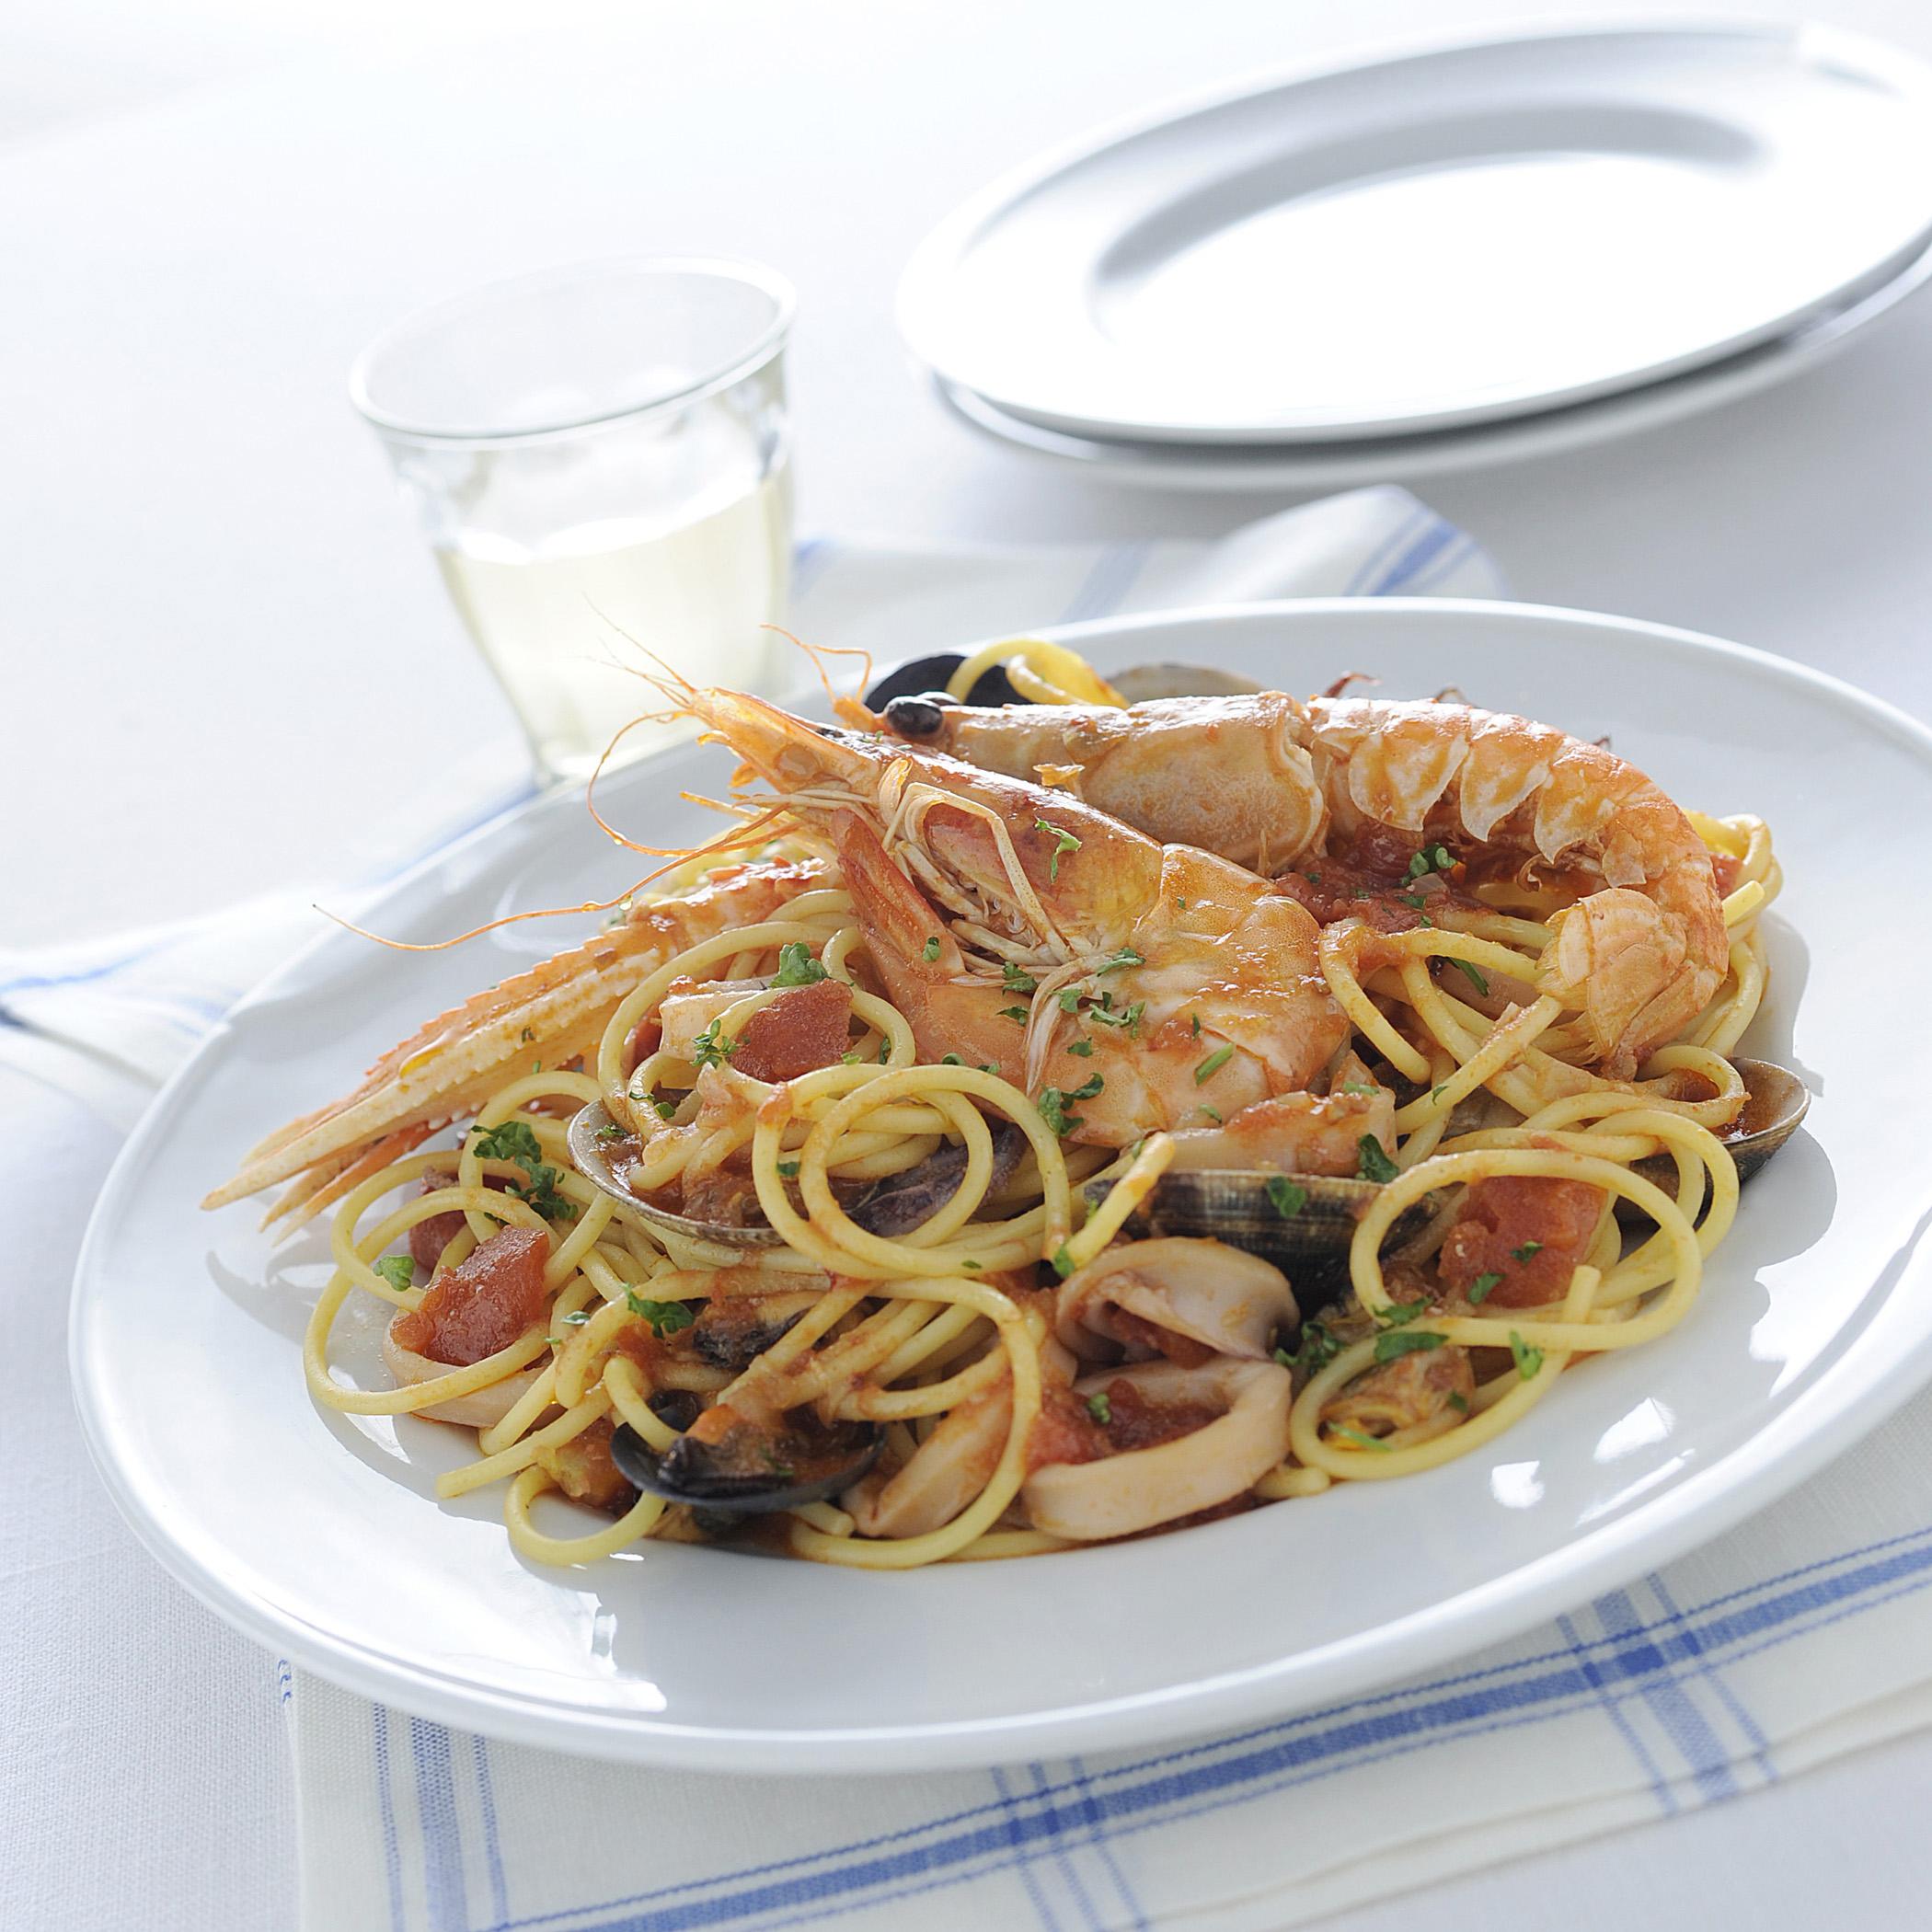 Spaghetti ai frutti di mare le migliori ricette sale pepe for Spaghetti ricette